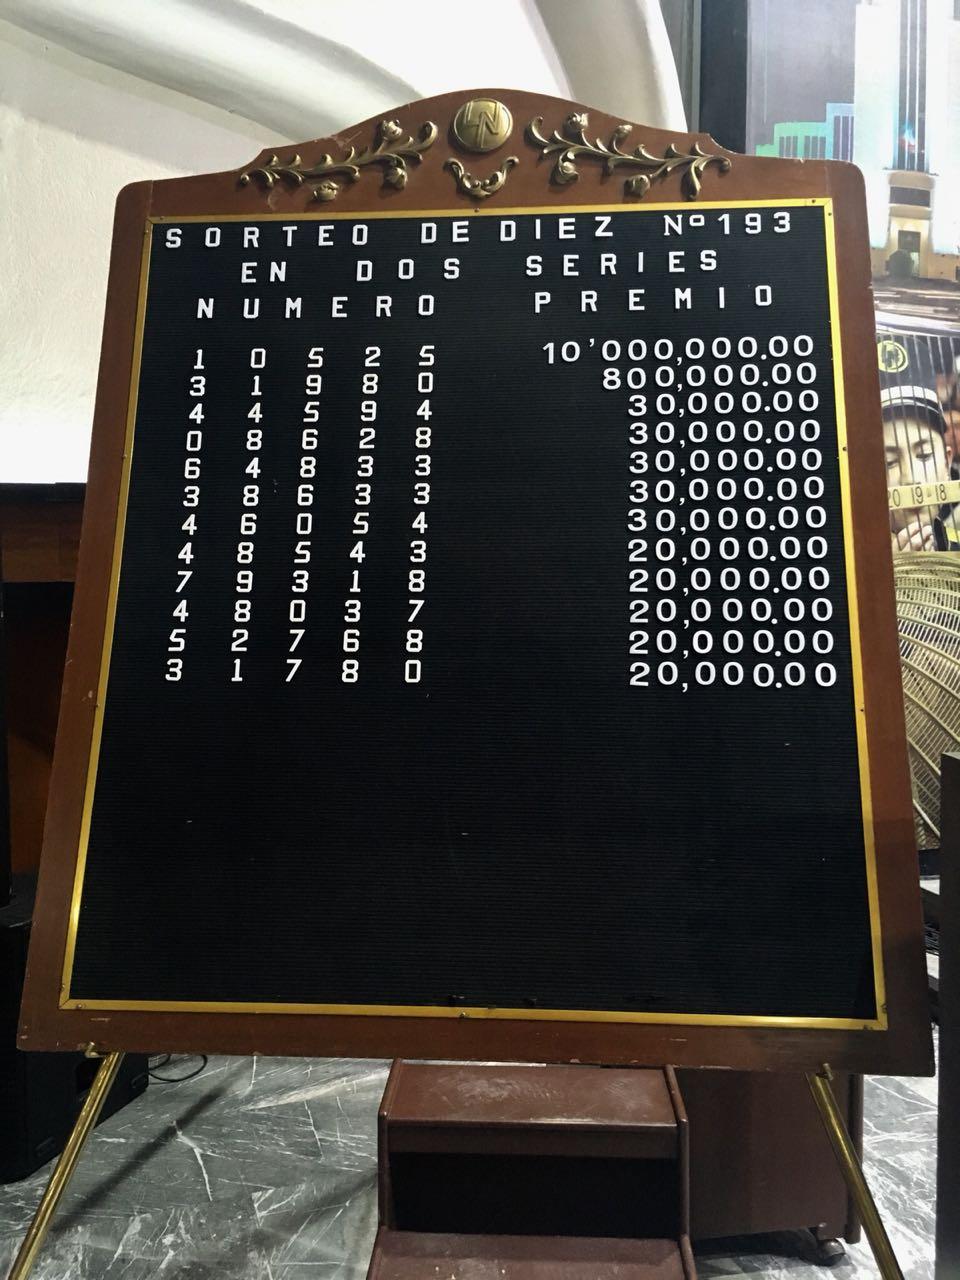 Resultados sorteo de diez 193